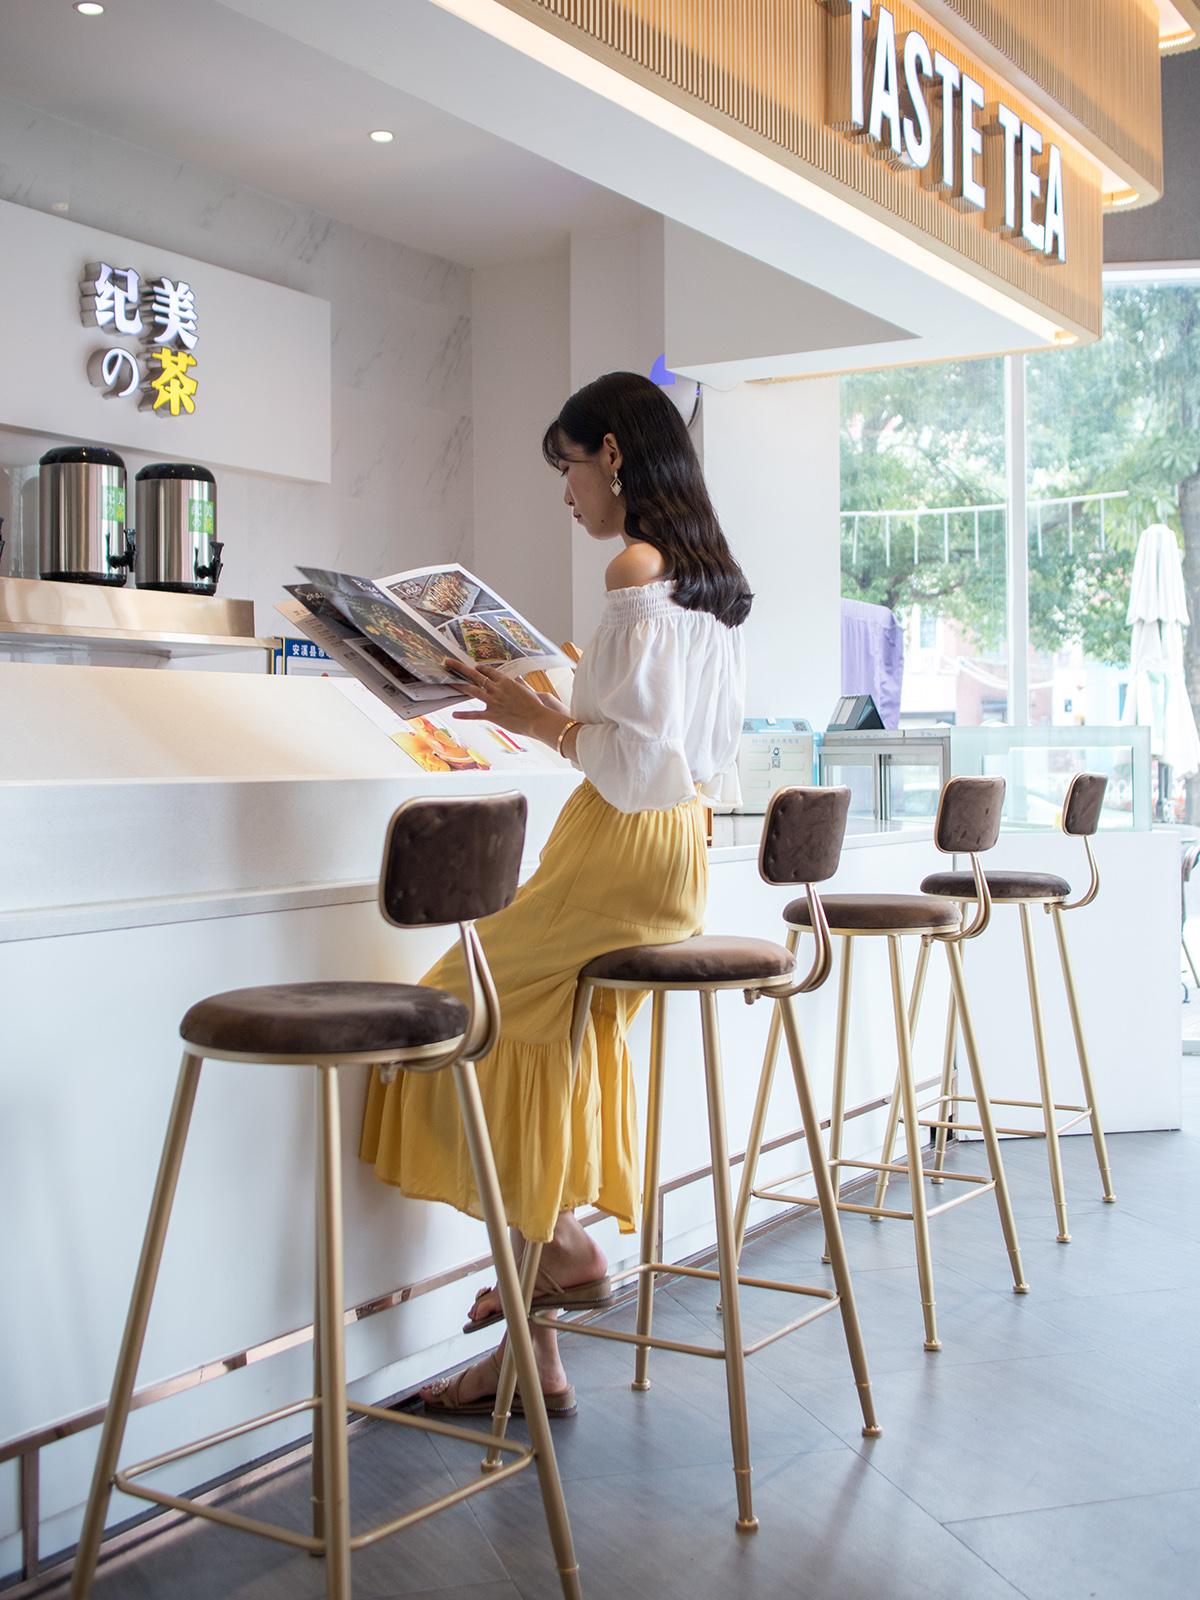 北欧网红吧台椅现代简约家用靠背餐椅子高脚凳咖啡厅酒吧椅休闲凳